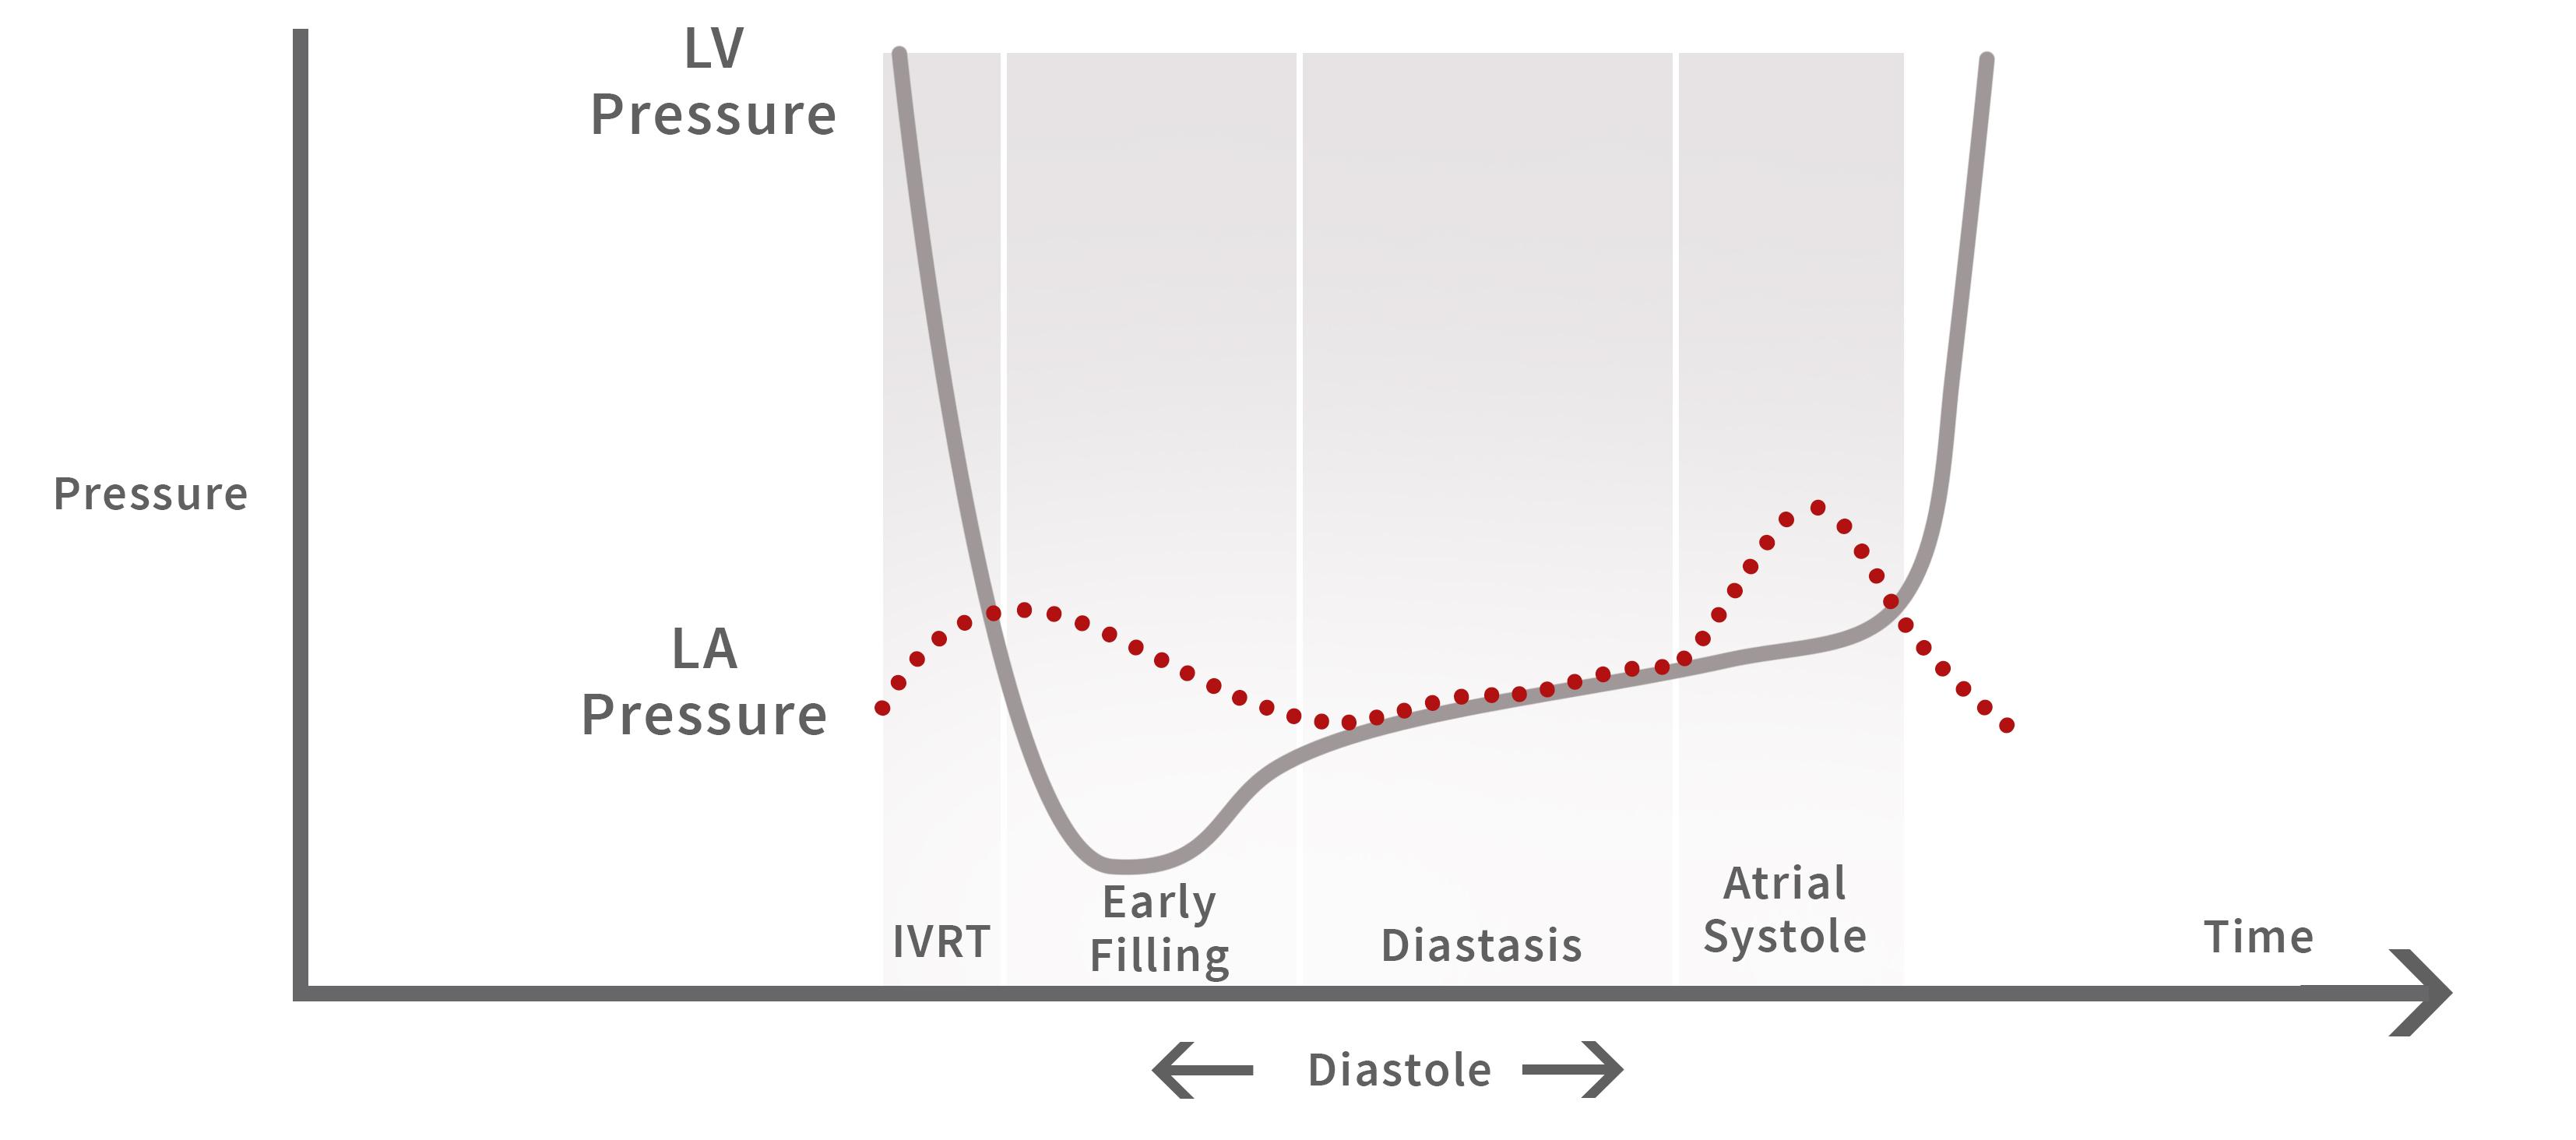 Left Ventricle Pressure & Left Atrial Pressure during Diastole